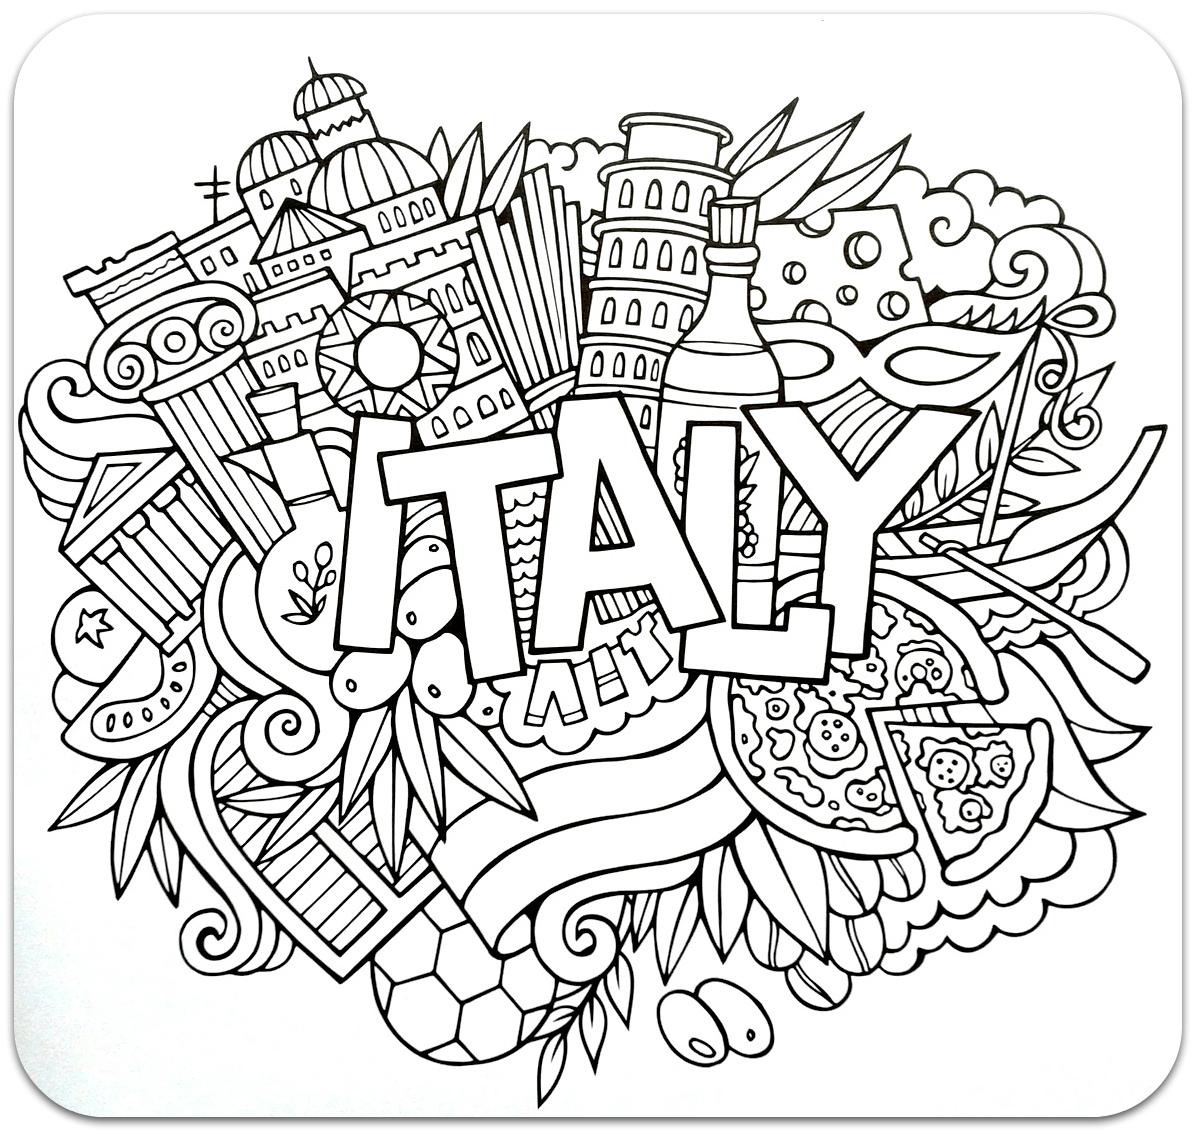 розмальовки для дорослих, розмальовки антистрес, країни, подорож, раскраски антистресс, страны, італія